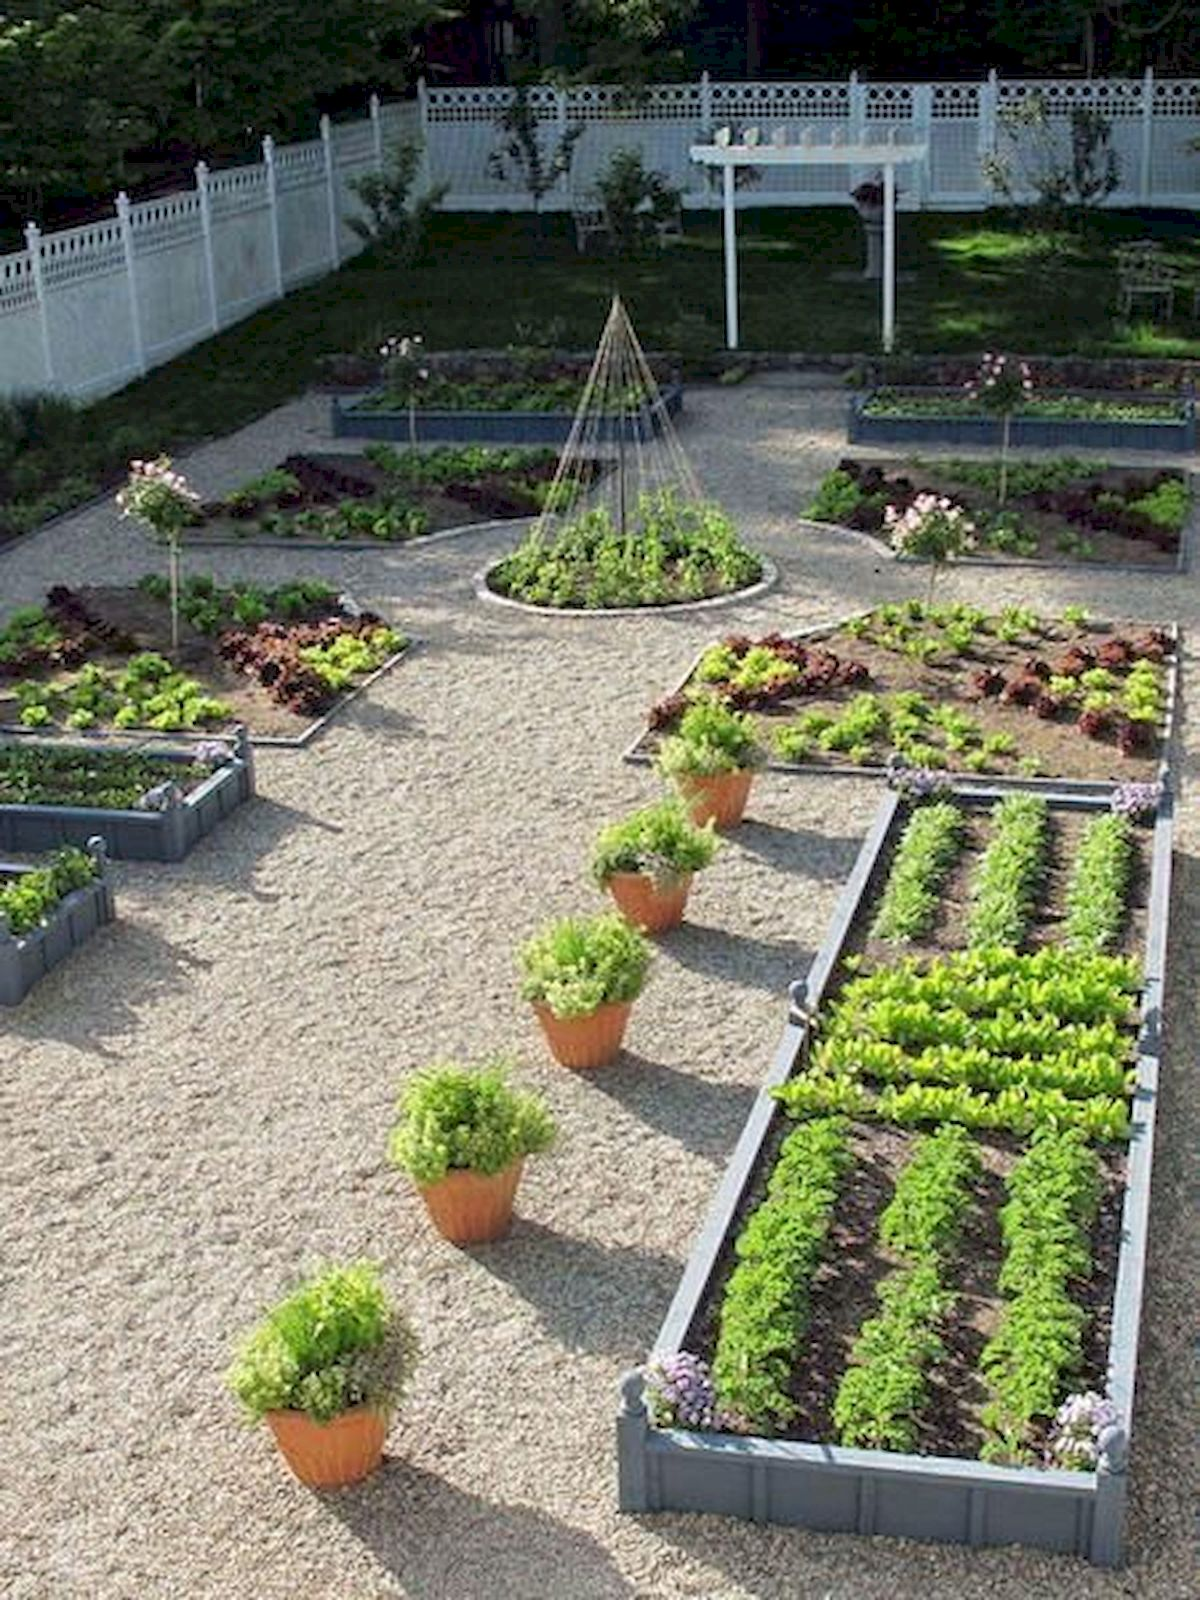 50 Inspiring Small Vegetable Garden Ideas (47 ...